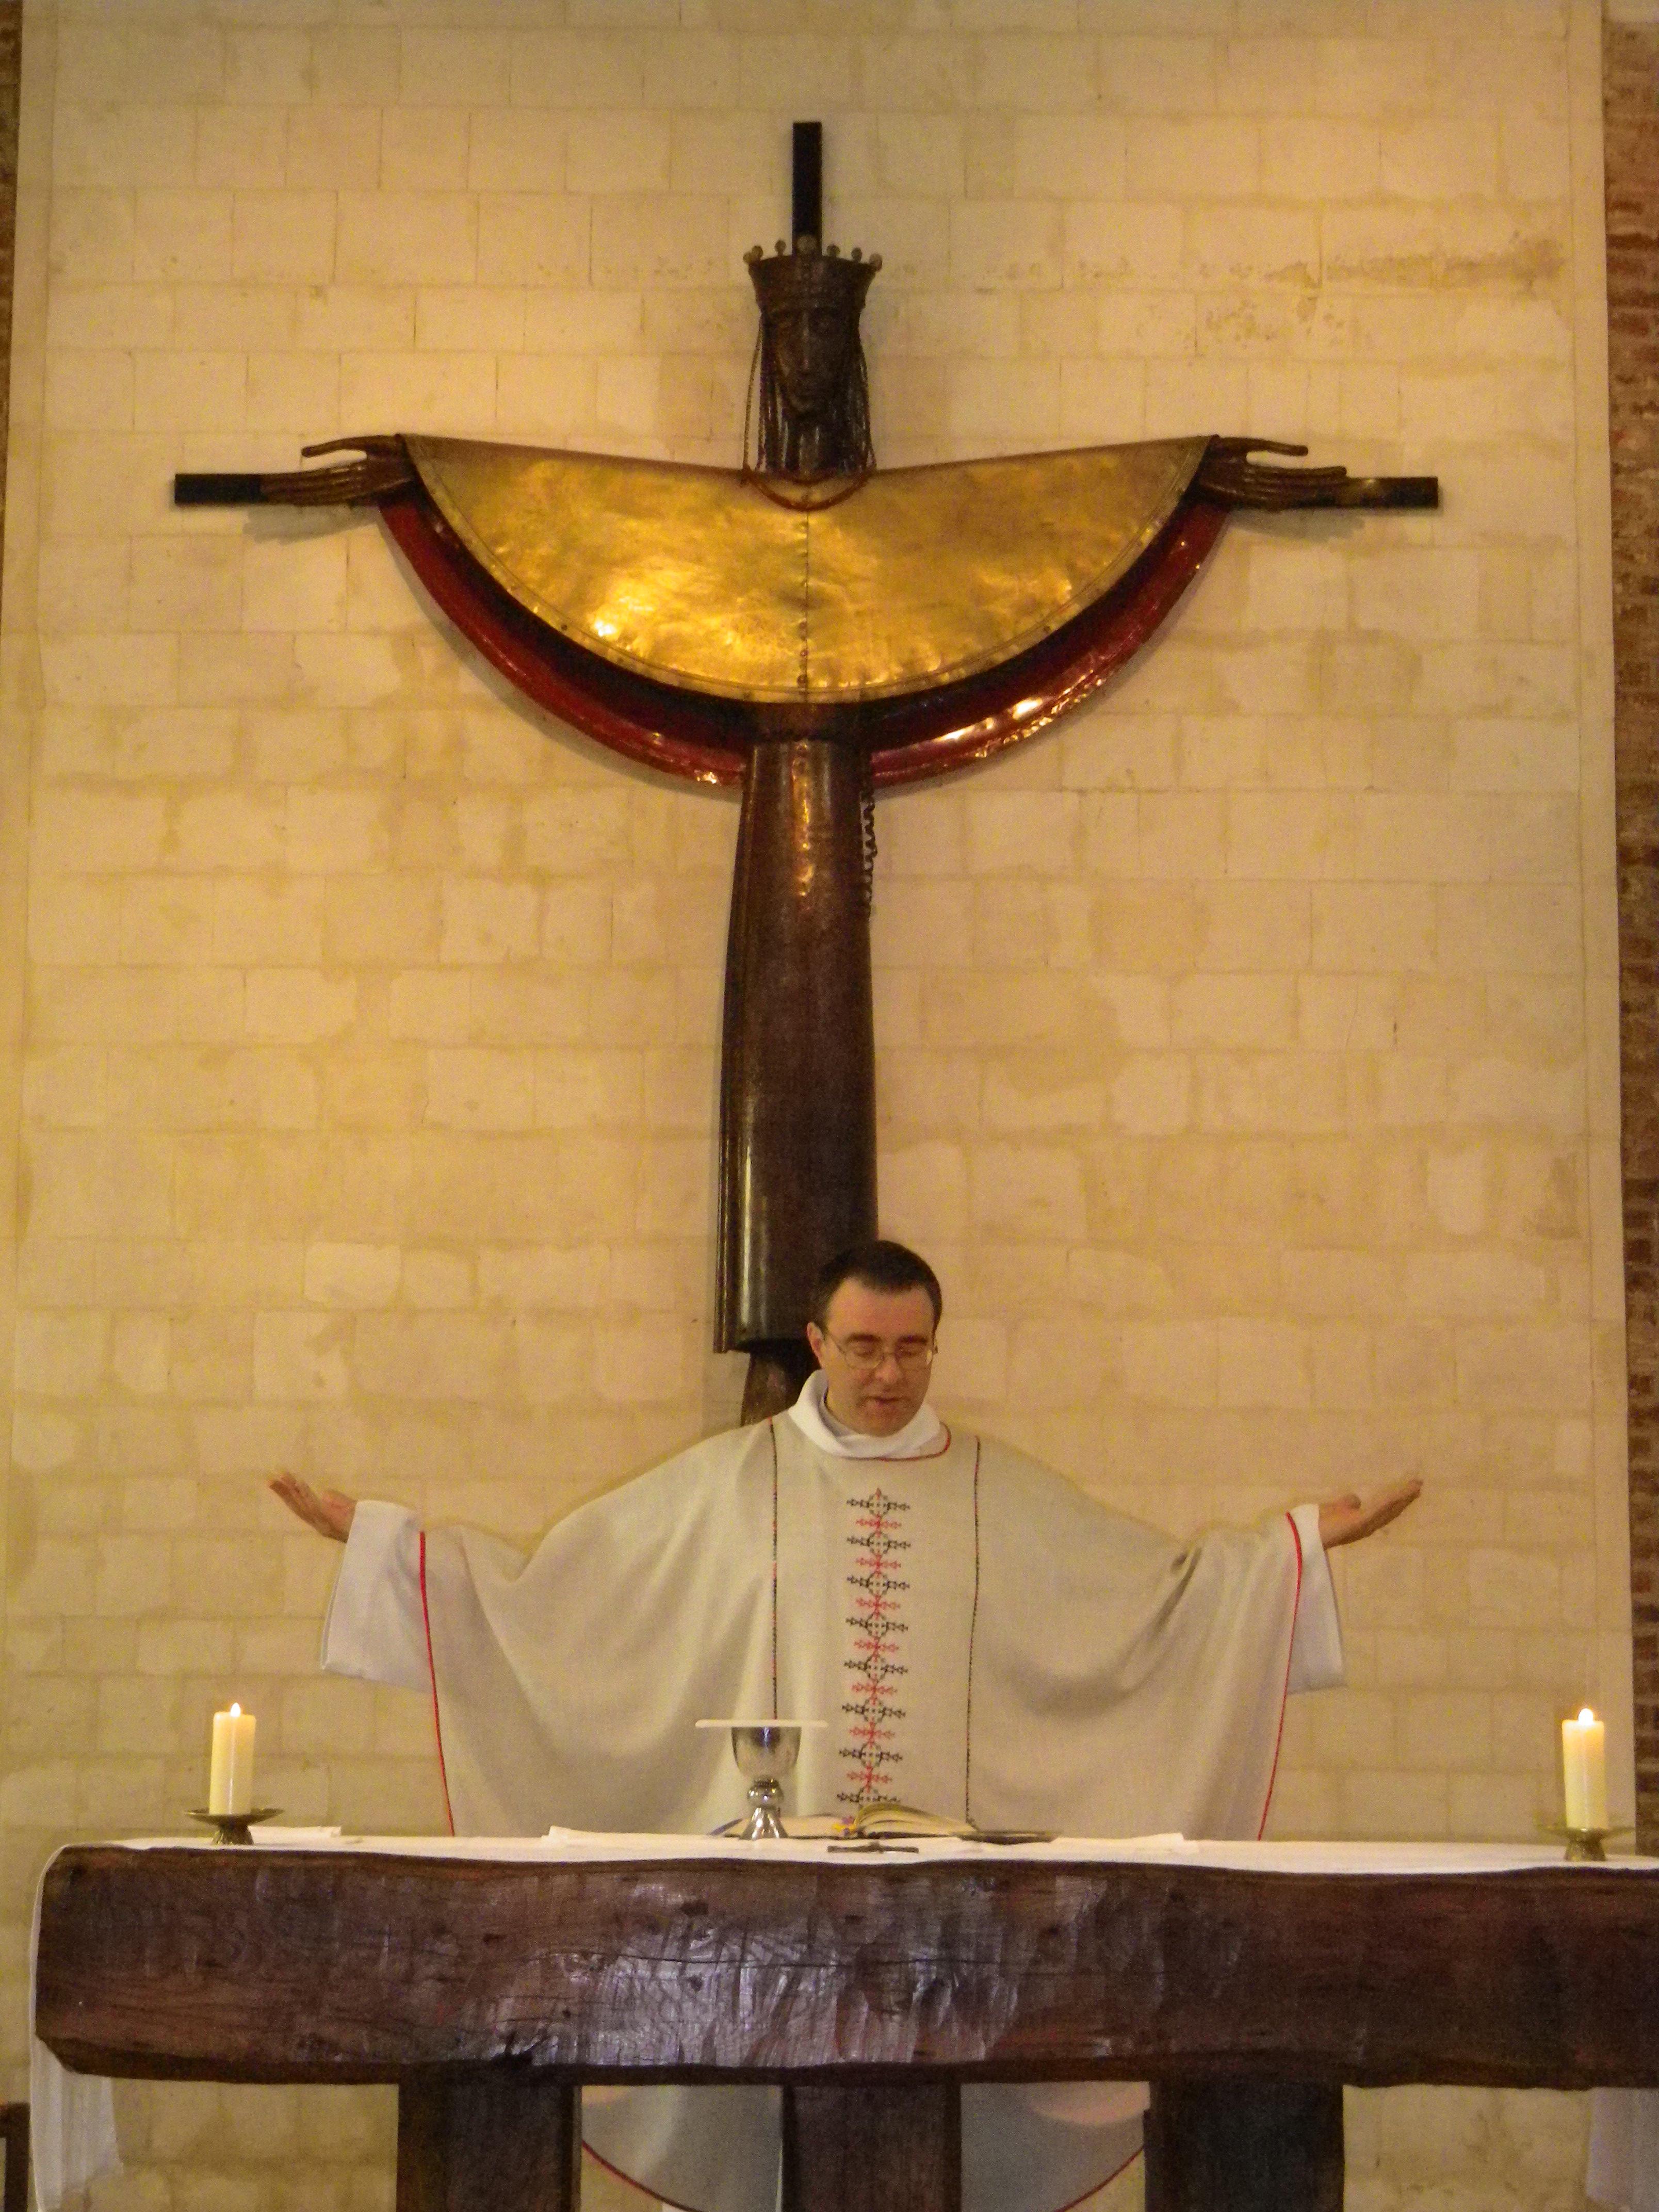 Prière eucharistique. Le prêtre, c'est le Christ continué...